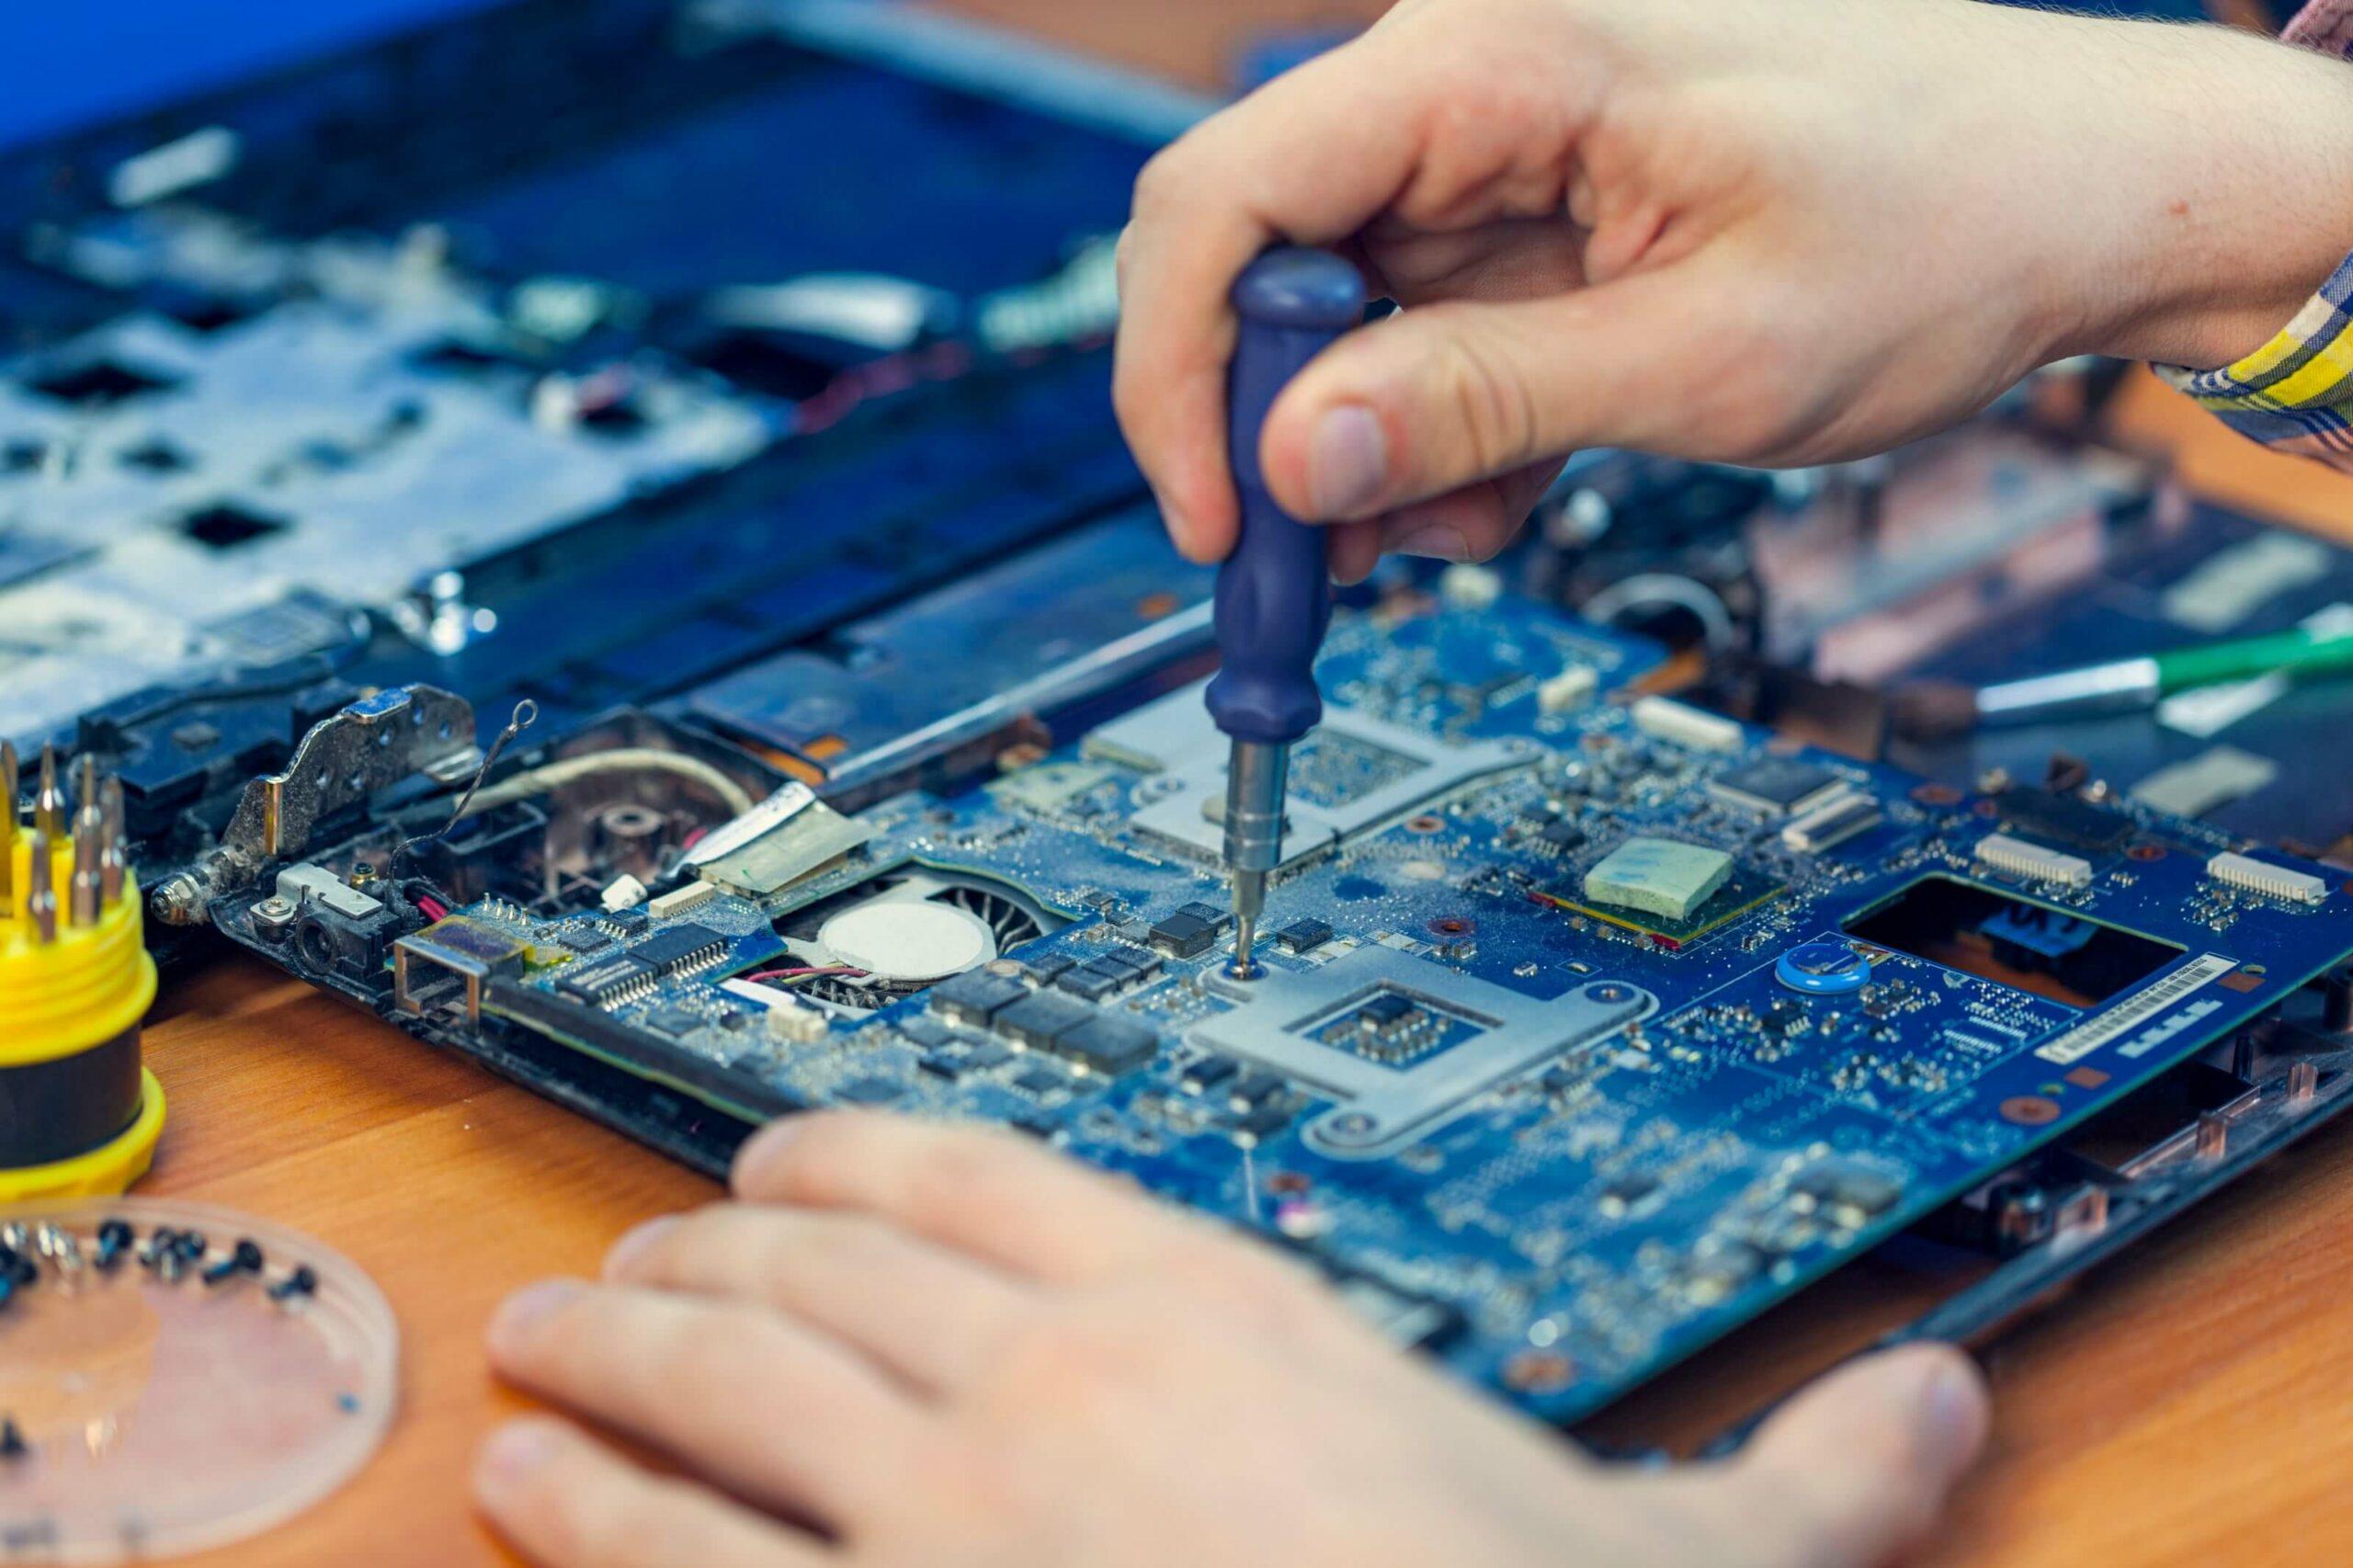 Vyčistěte svůj počítač kvalitně, volně dostupné programy to často neumějí